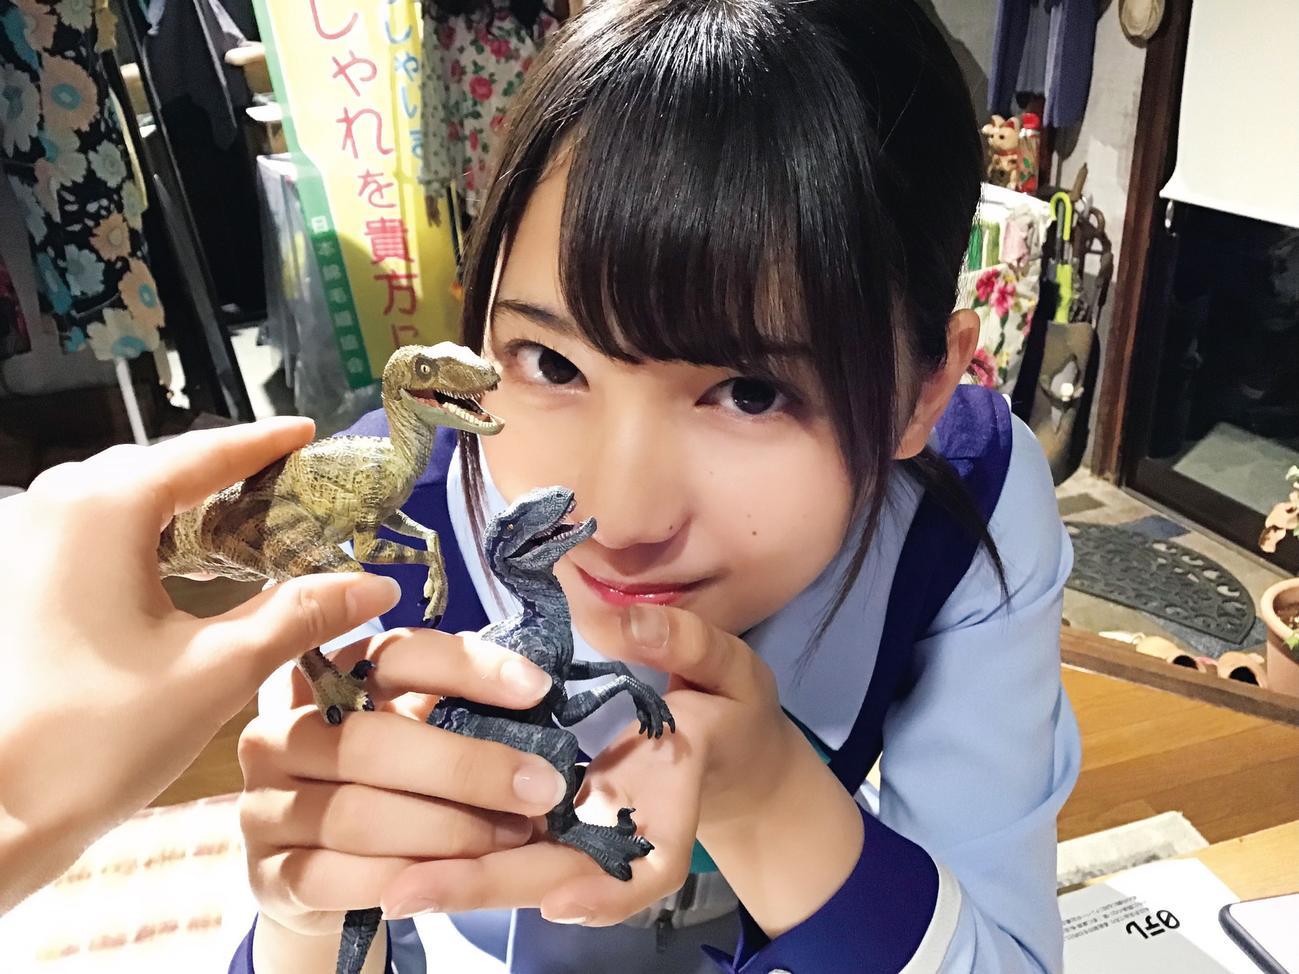 「日向撮」先行カット。恐竜のフィギュアを持って笑顔を見せる小坂菜緒。齊藤京子が撮影した